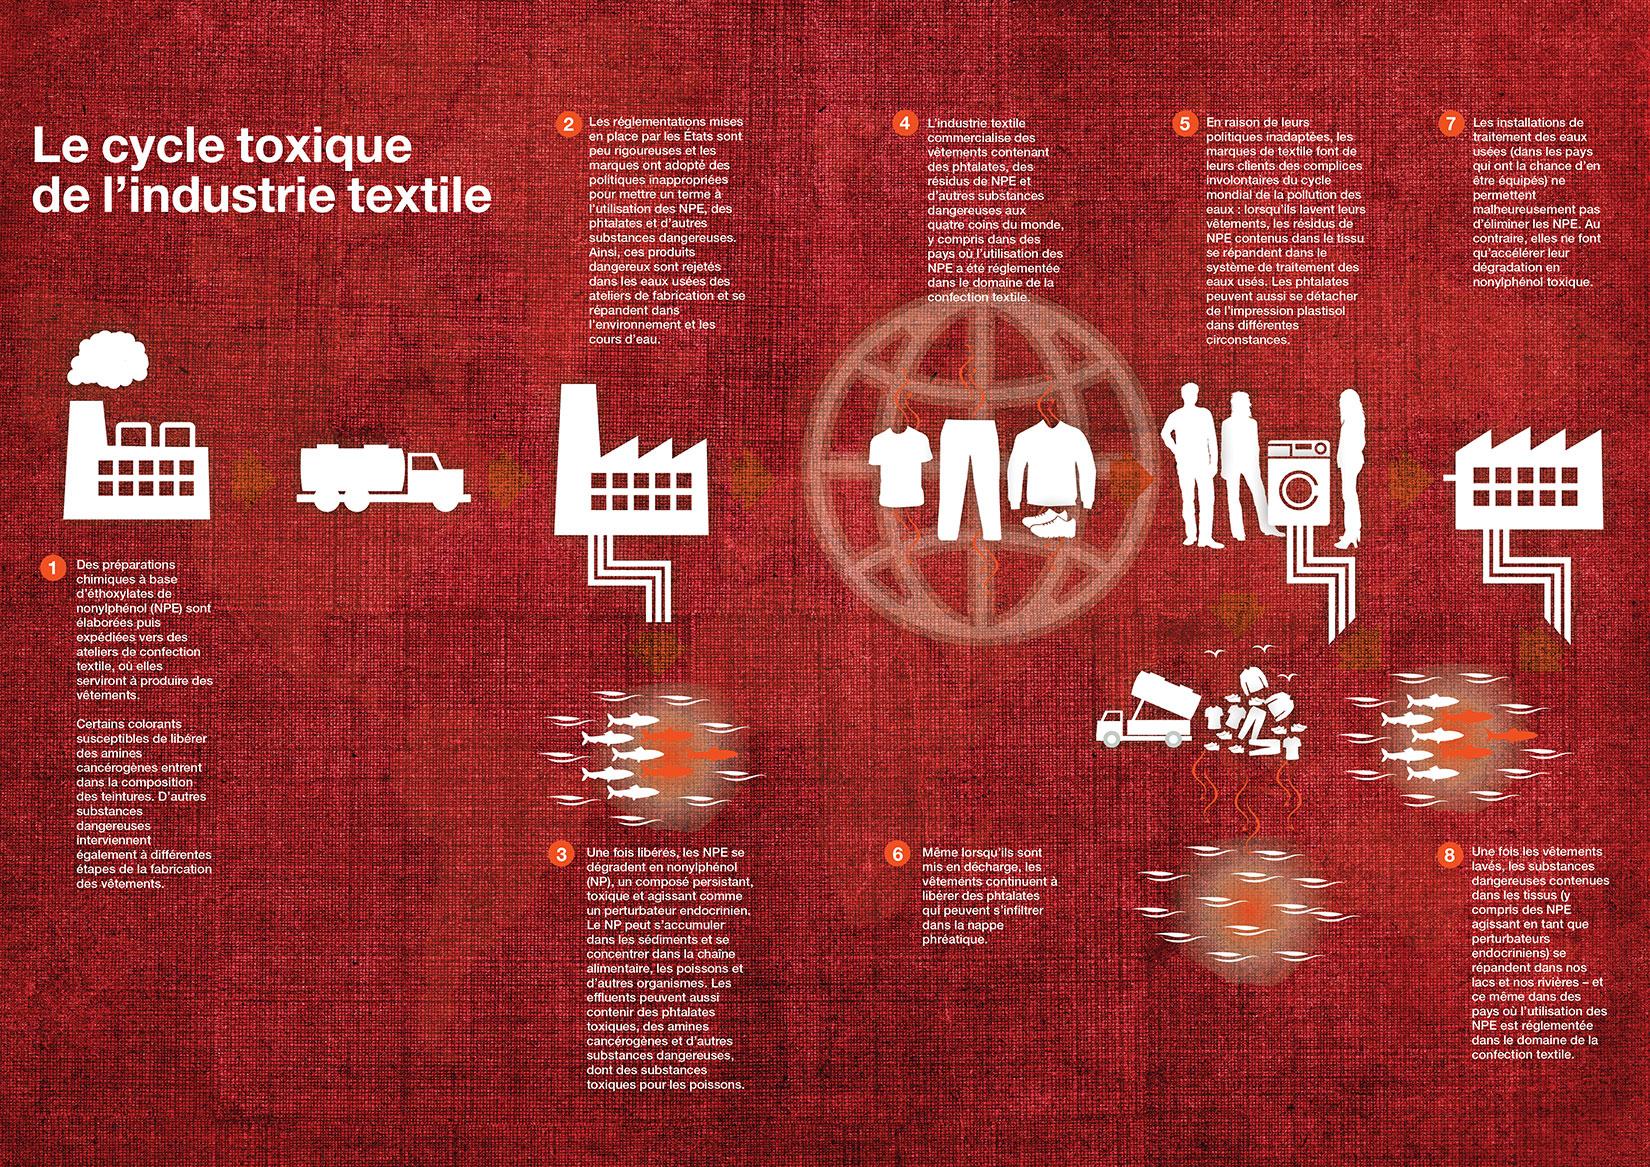 Cycle toxique de l'industrie textile